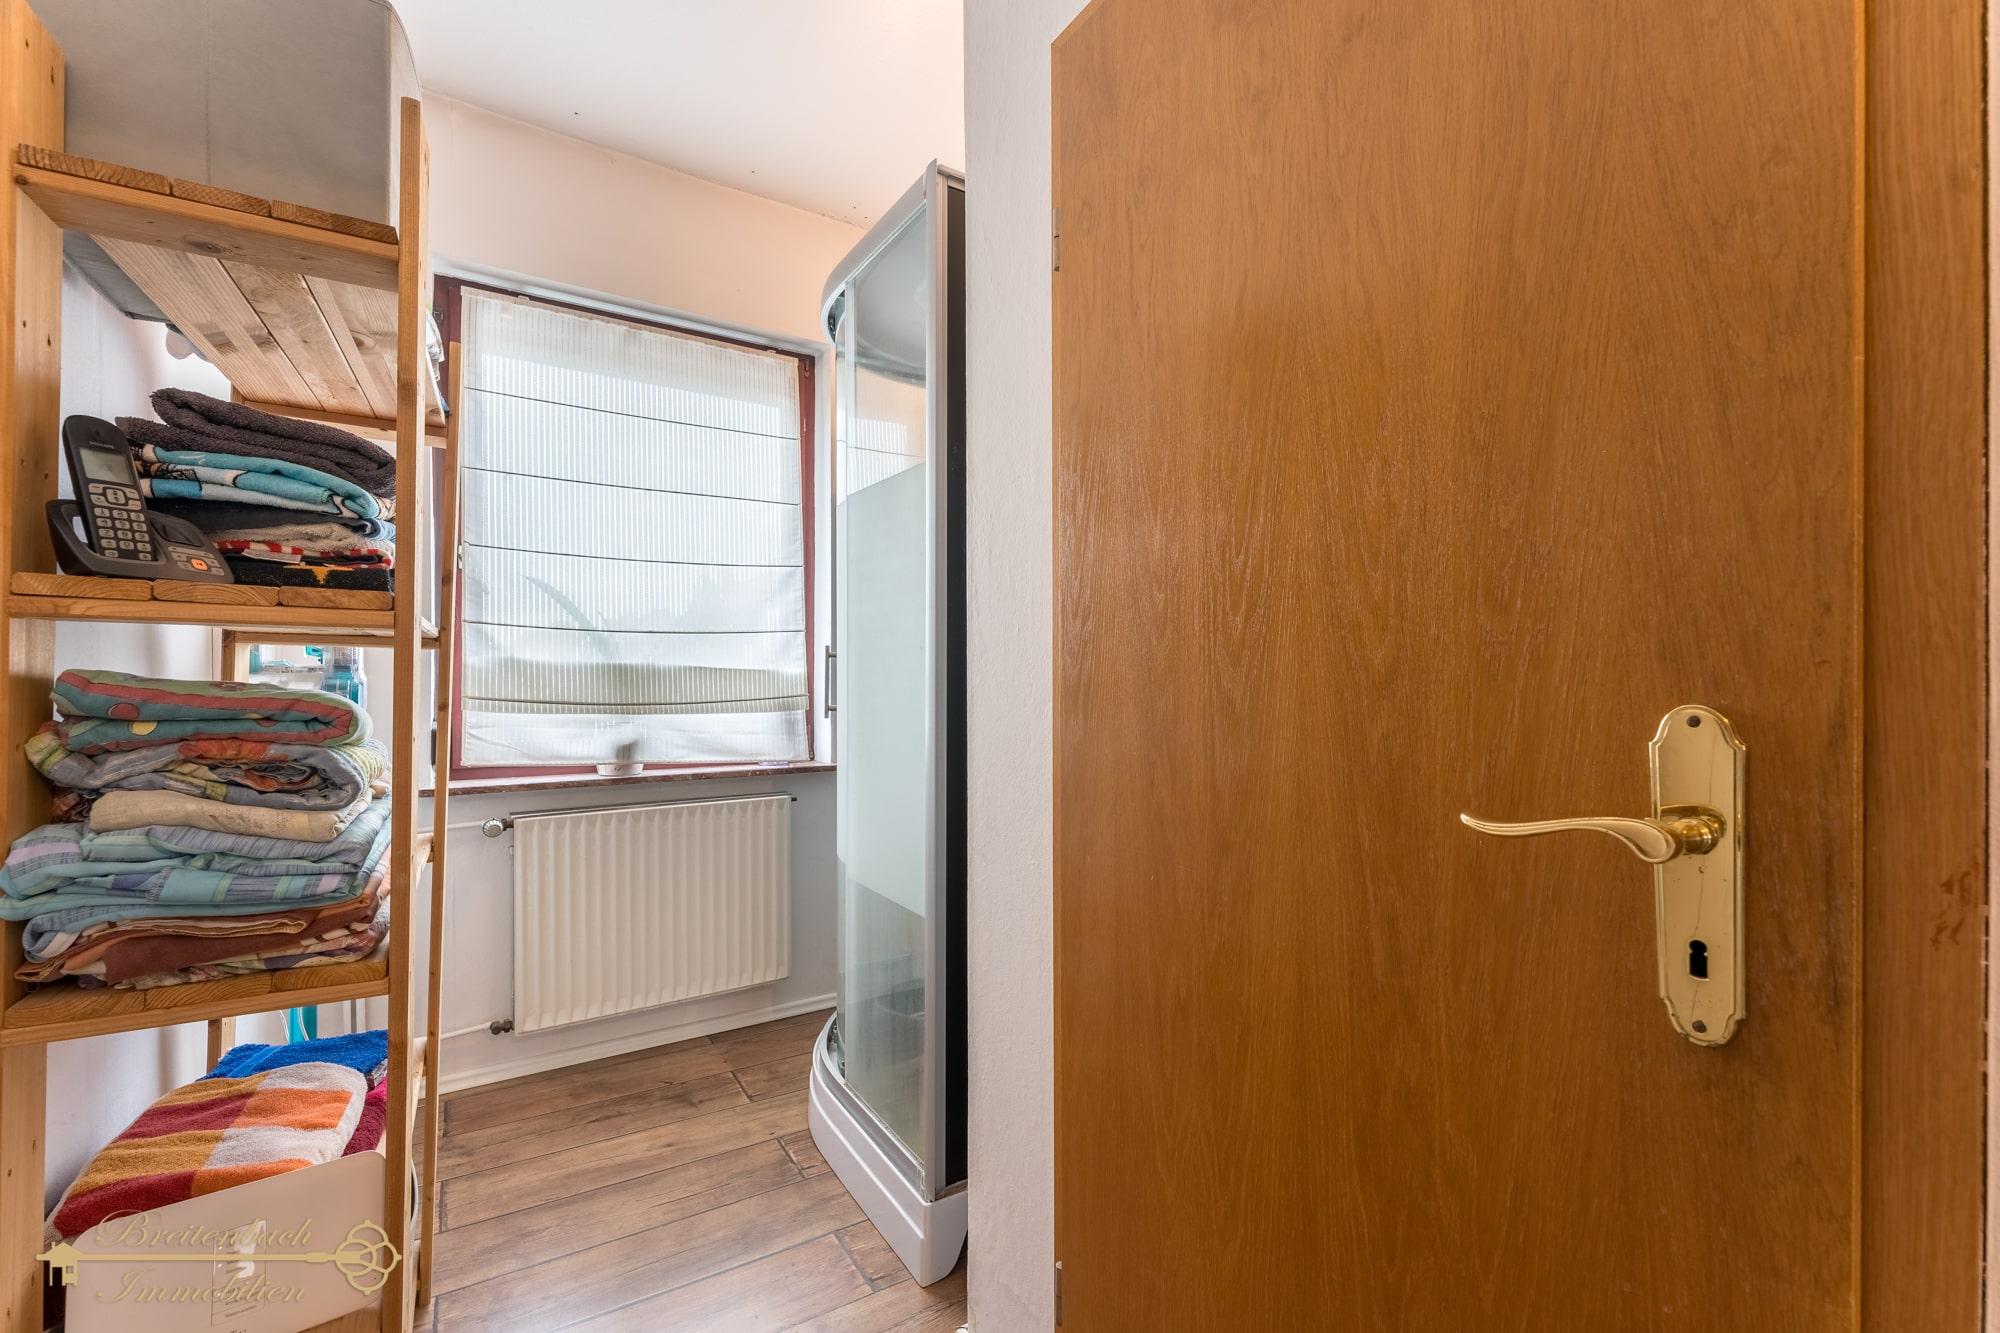 2021-05-23-Breitenbach-Immobilien-Makler-Bremen-10-min